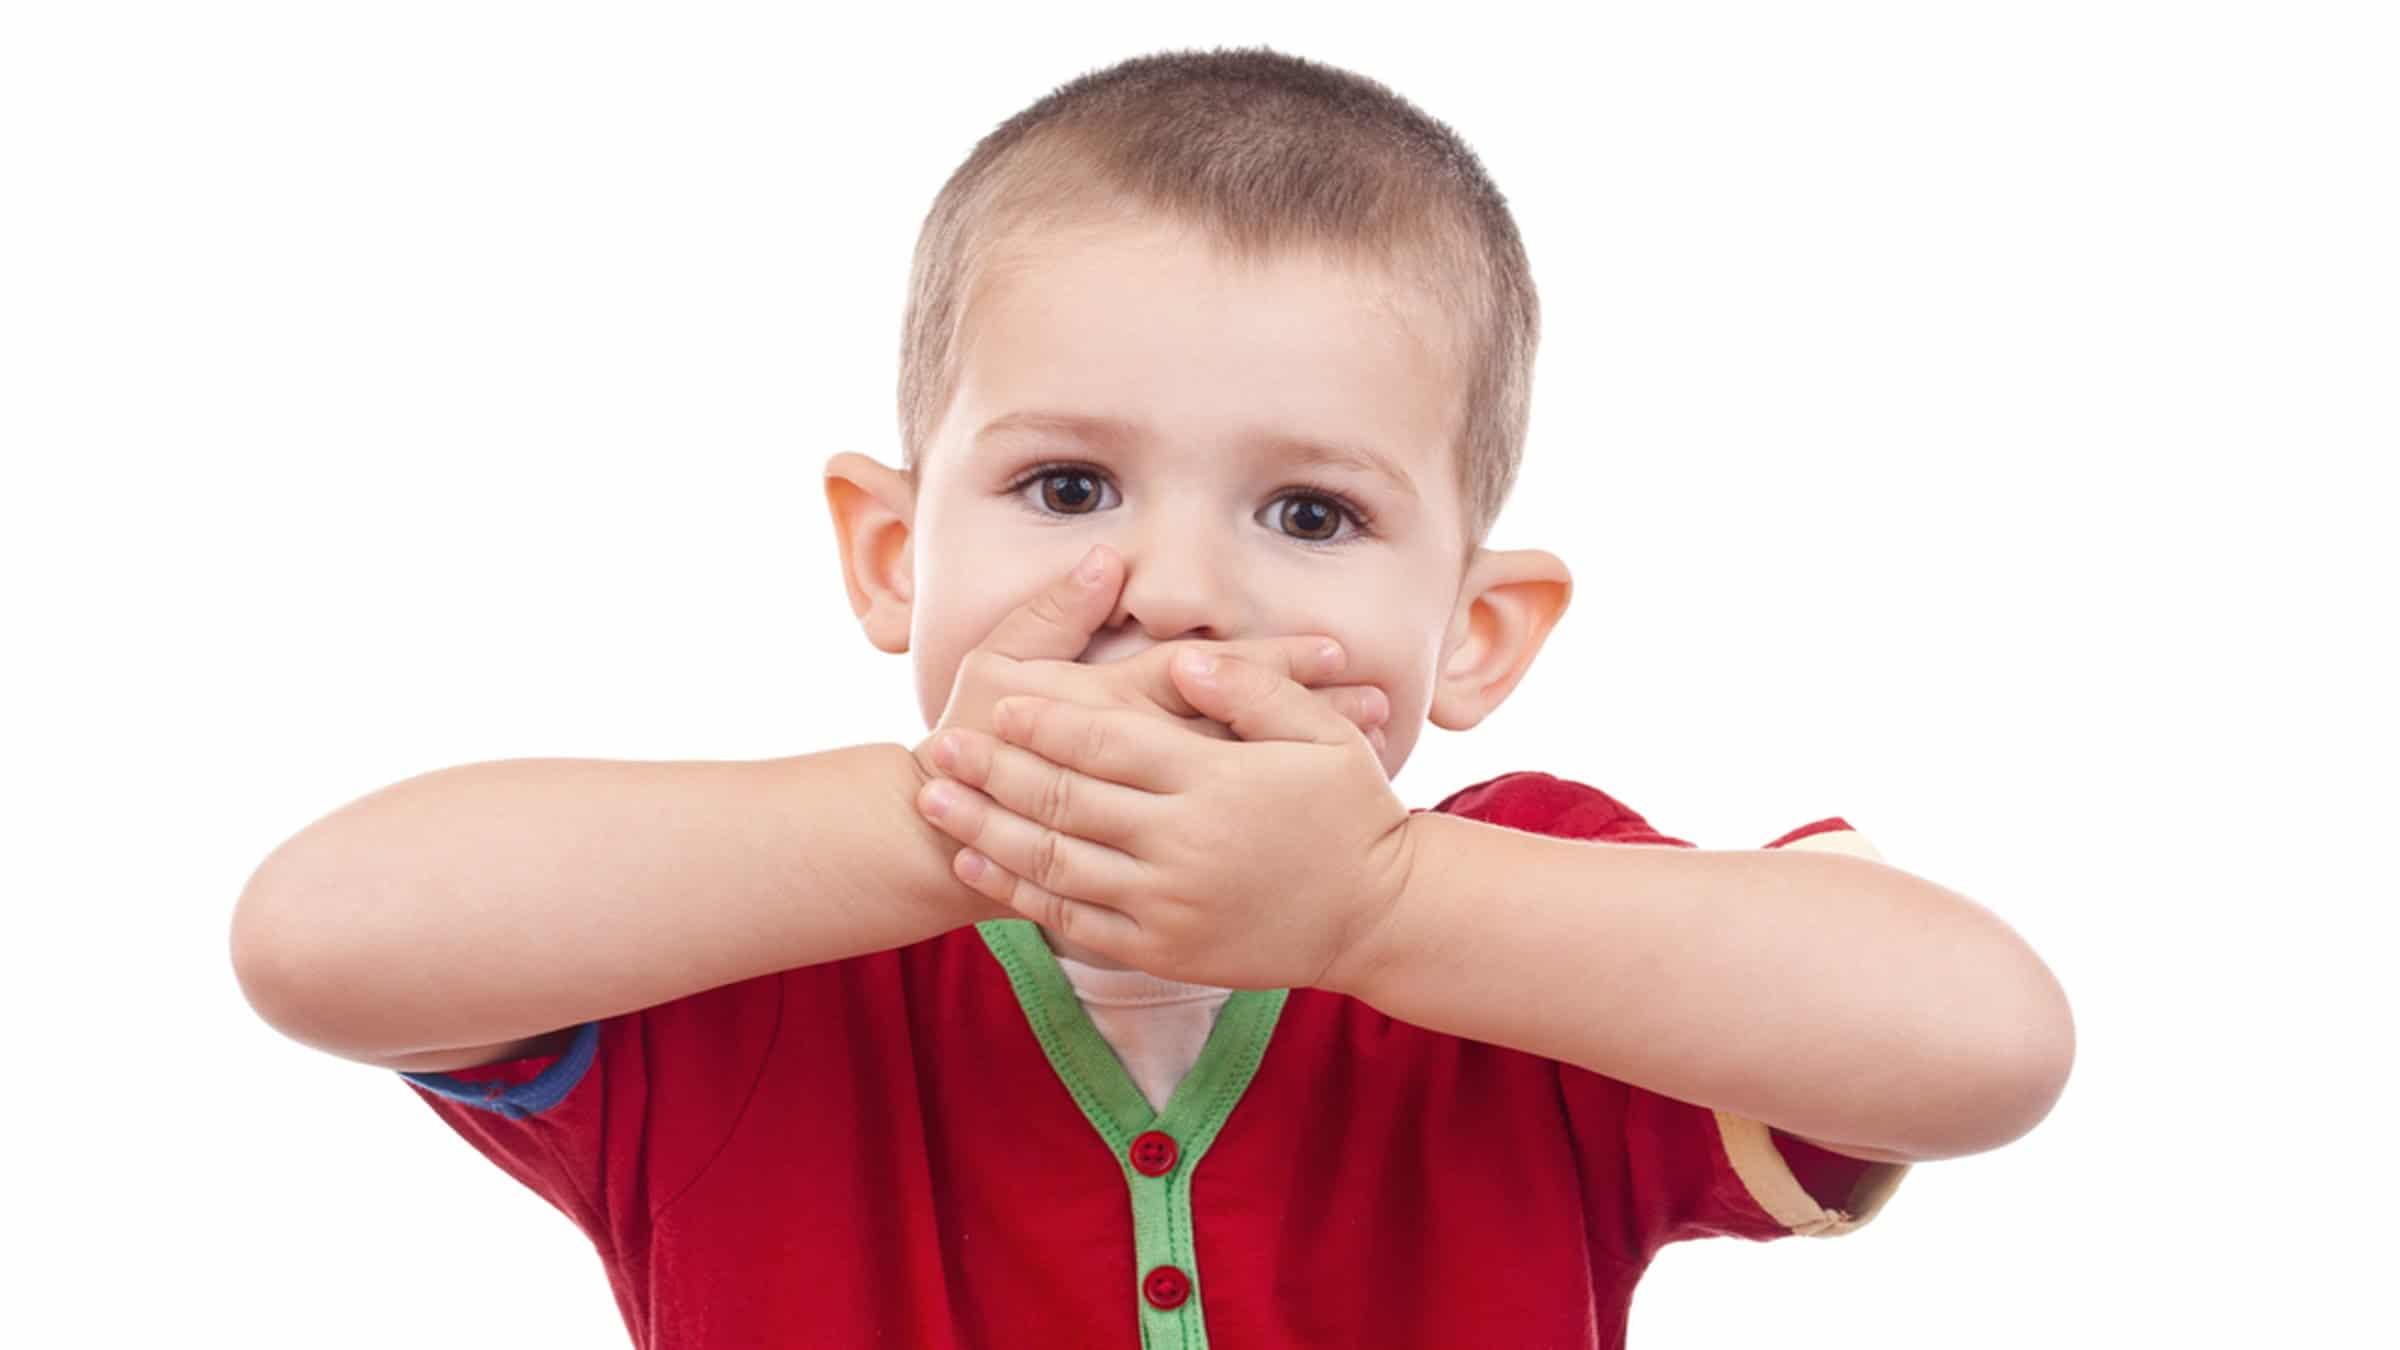 Задержка речи у ребенка: признаки, причины и методы лечения